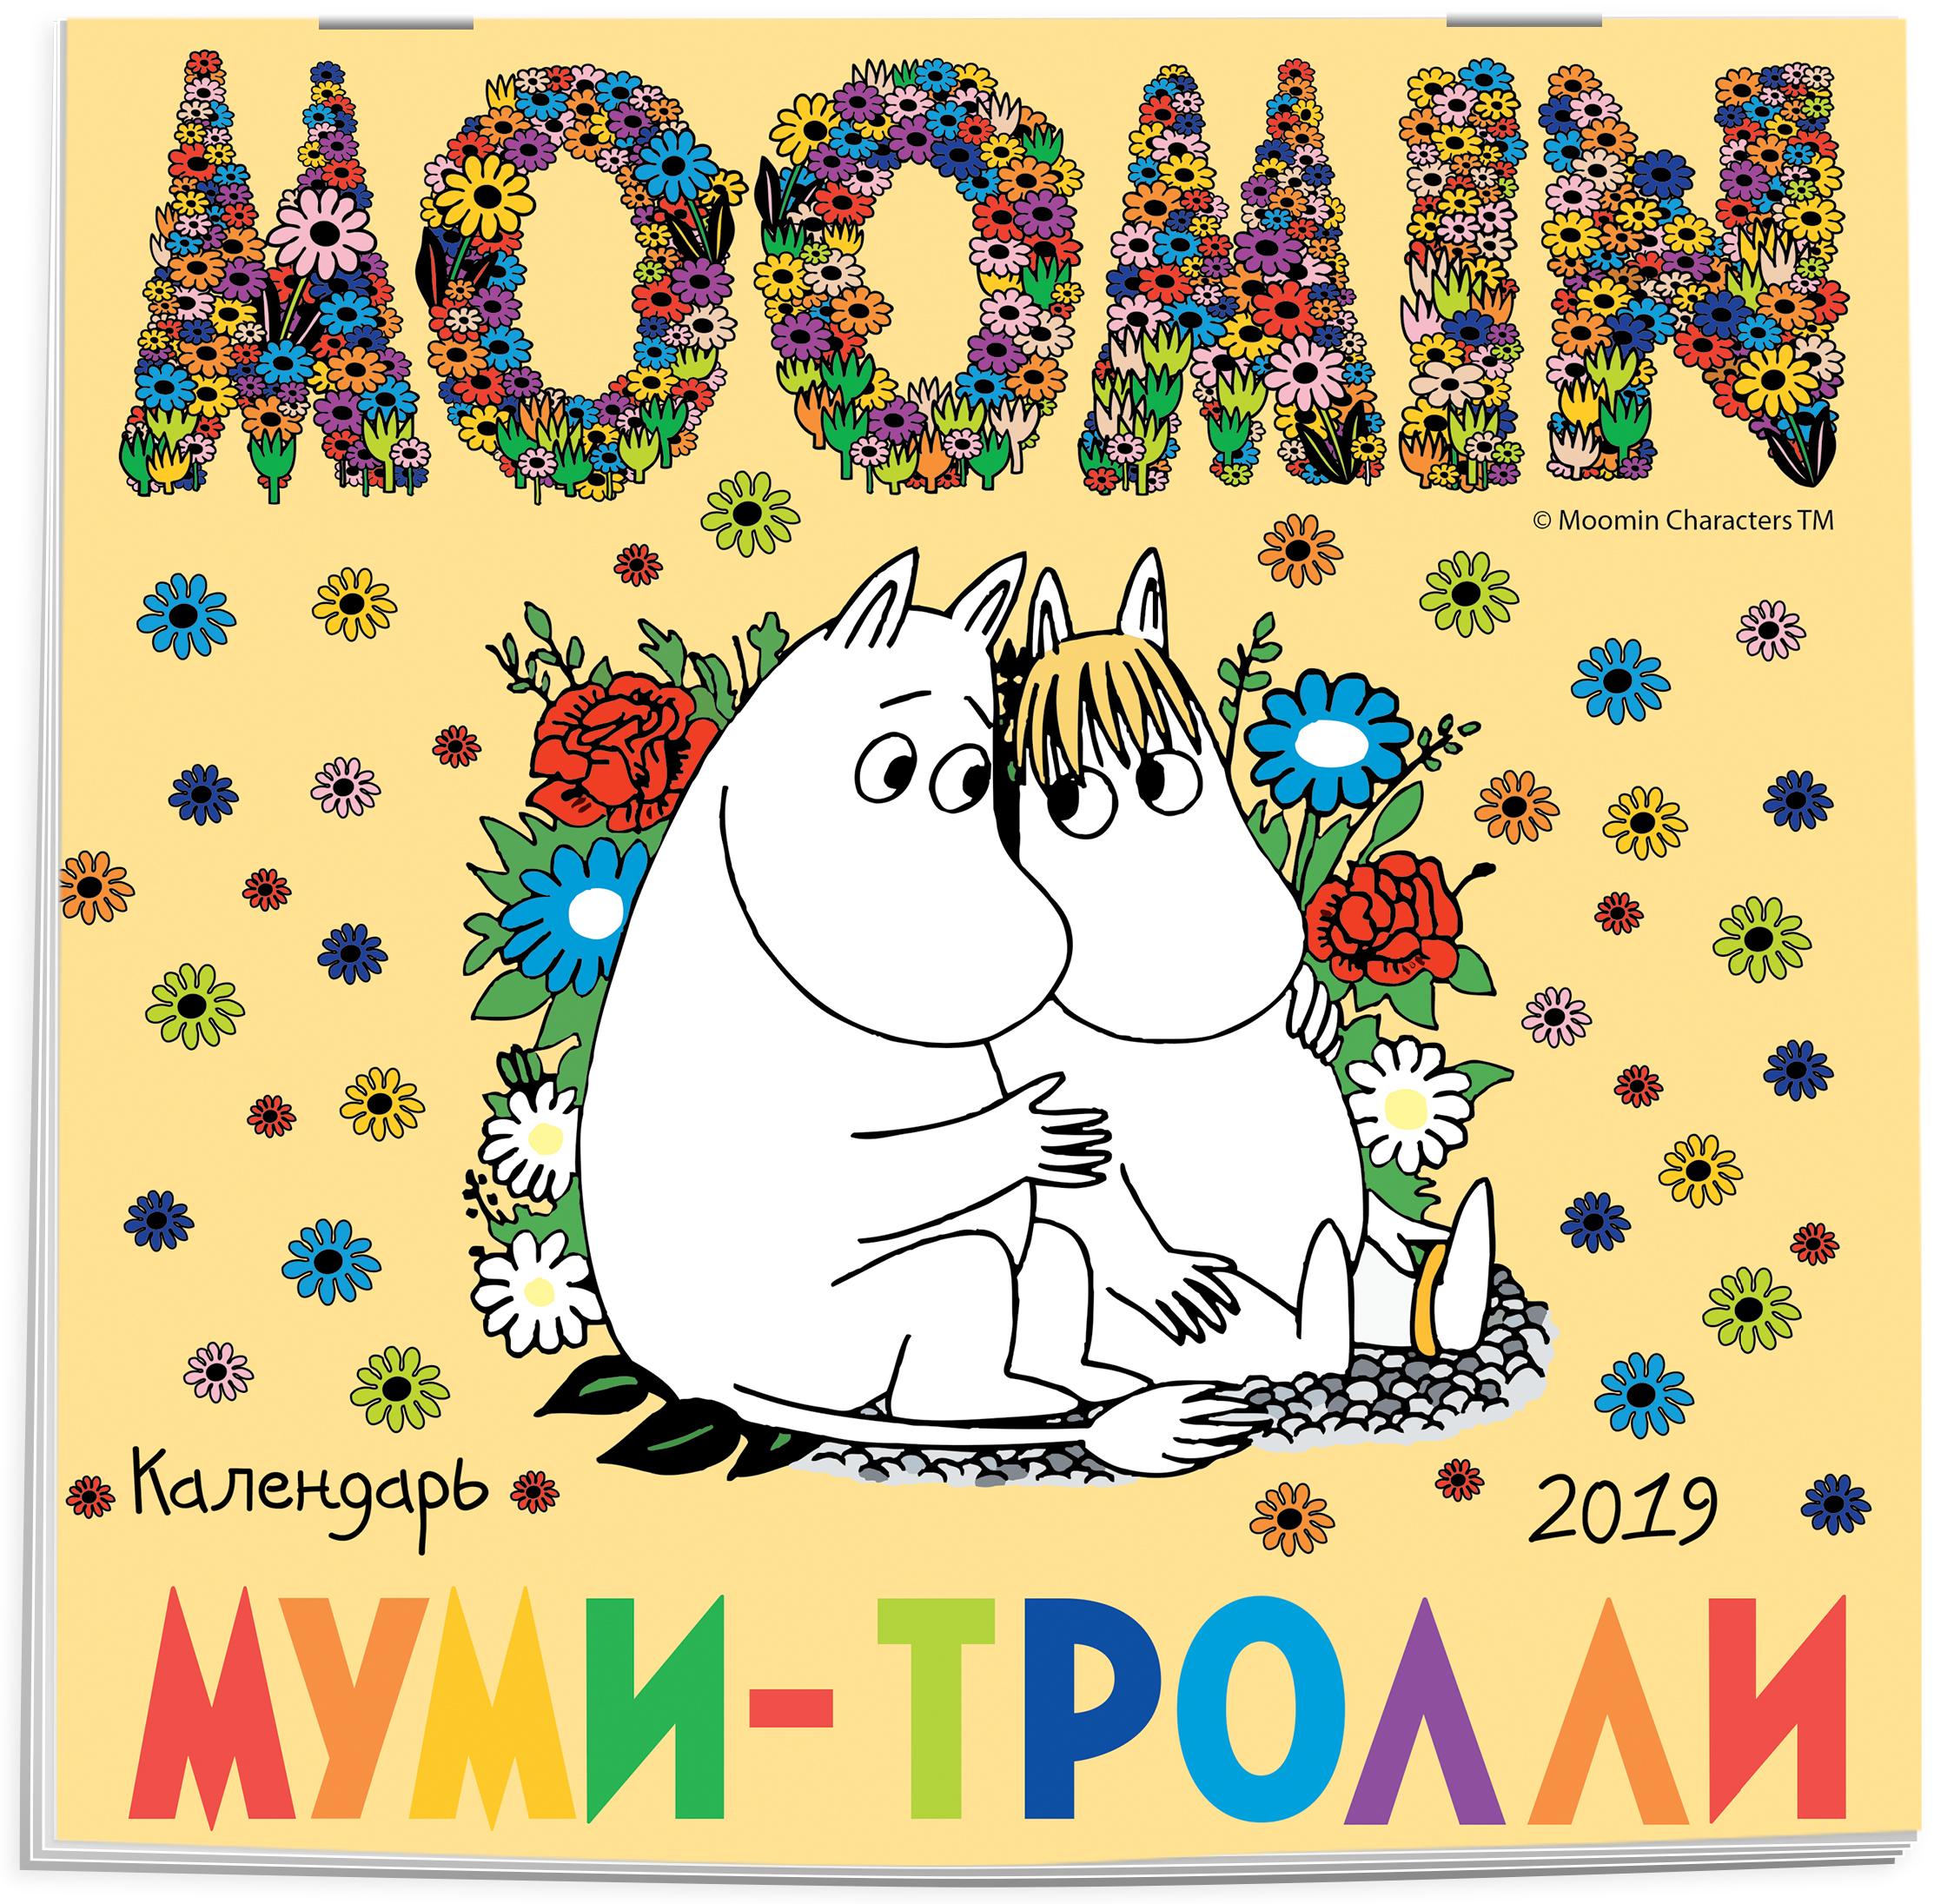 Муми-тролли. Календарь настенный на 2019 год (Арте)